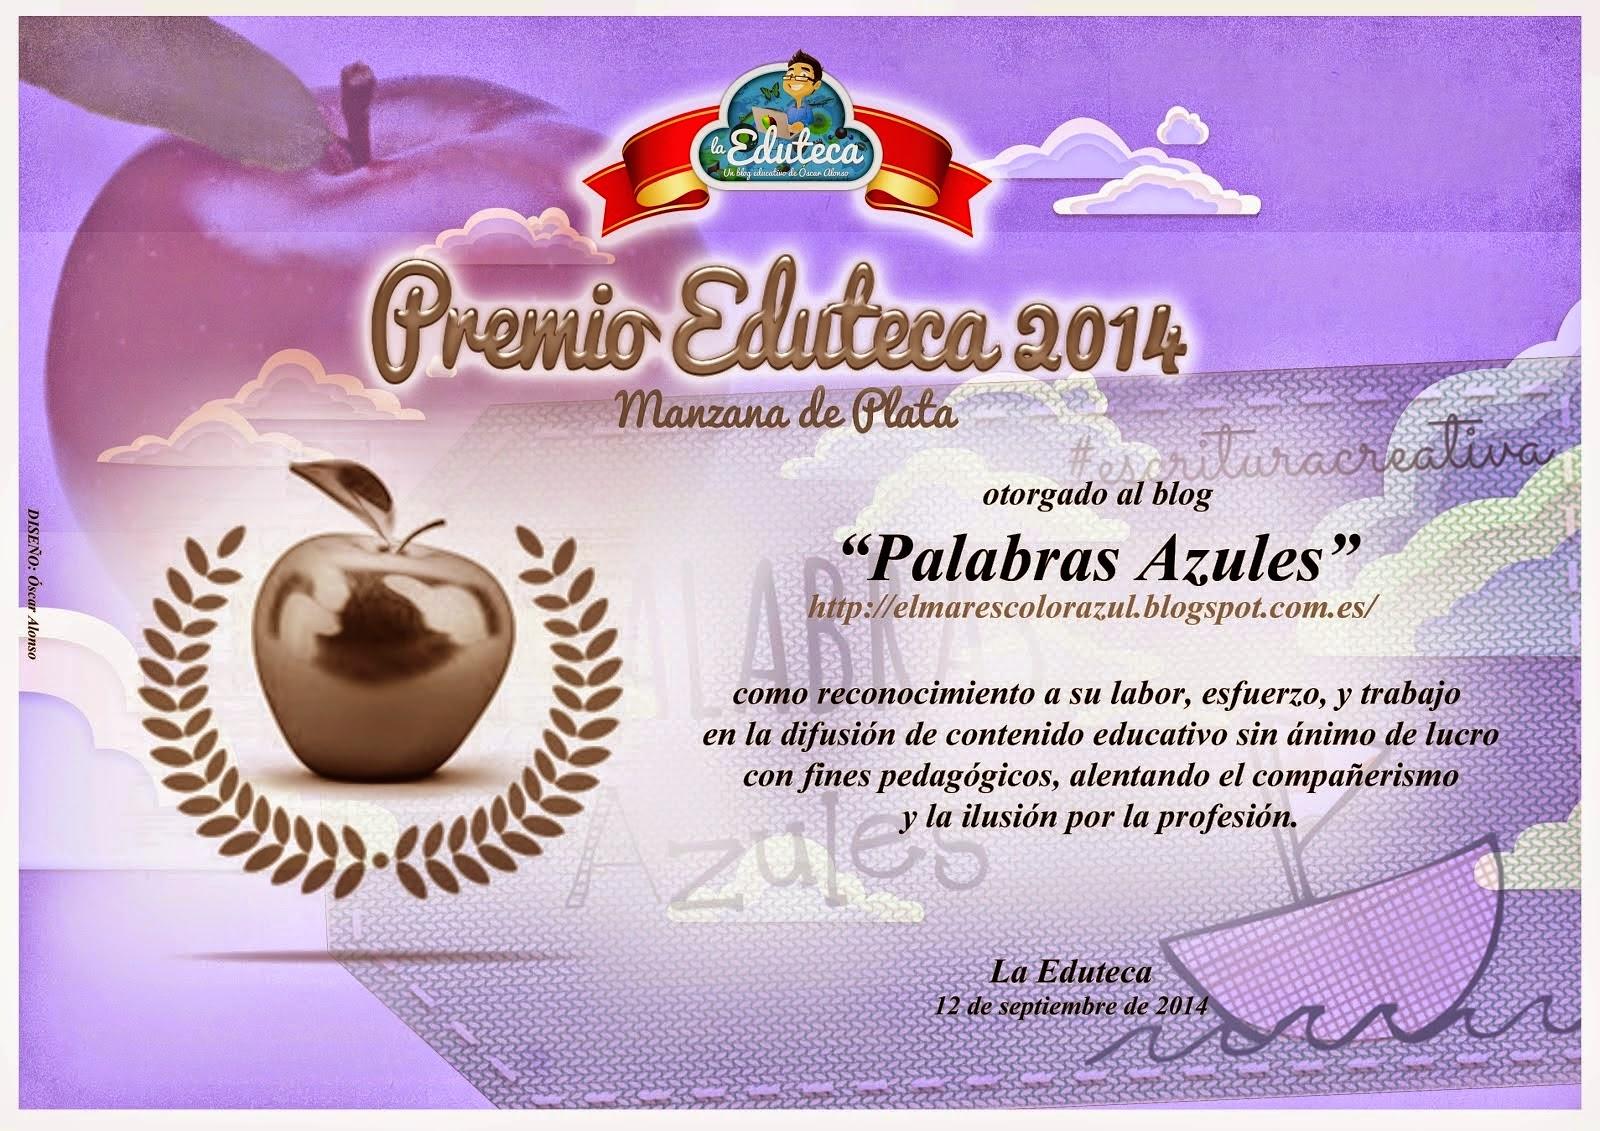 Premio Manzana de Plata La Eduteca